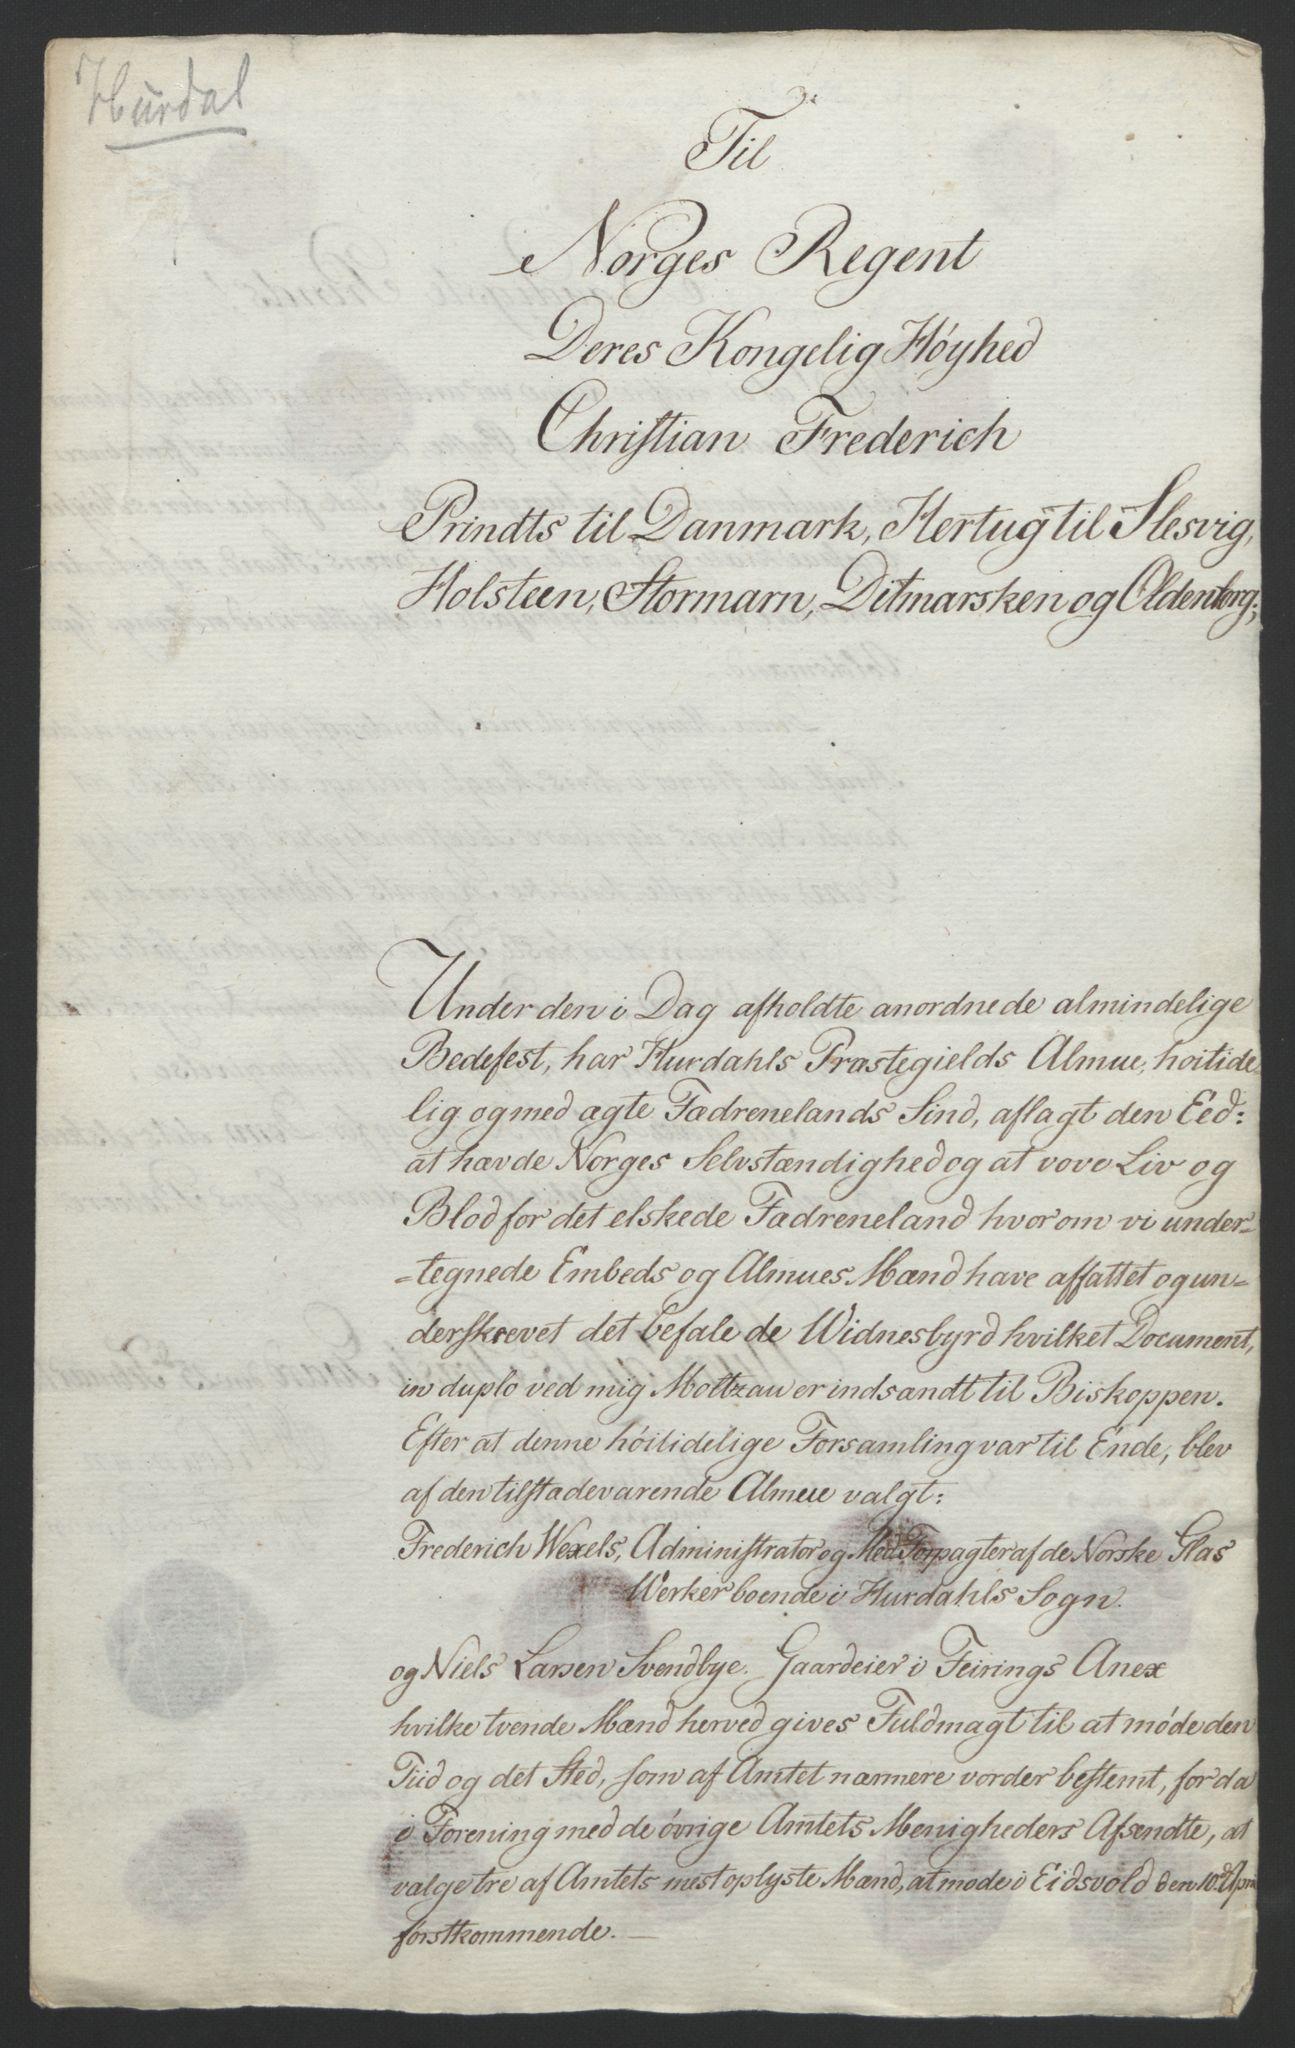 RA, Statsrådssekretariatet, D/Db/L0007: Fullmakter for Eidsvollsrepresentantene i 1814. , 1814, s. 186